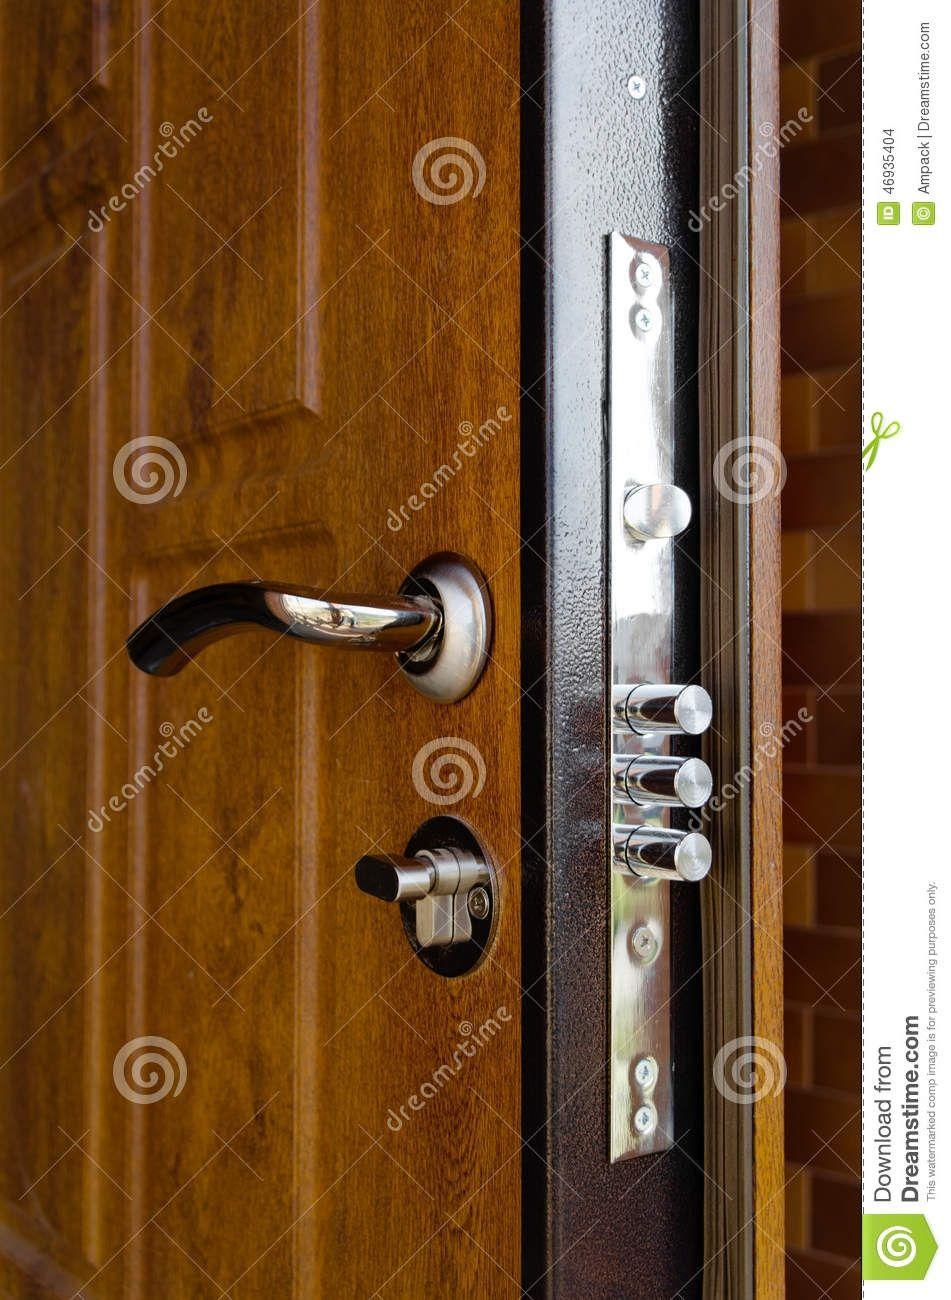 Entrance Door Security Locks